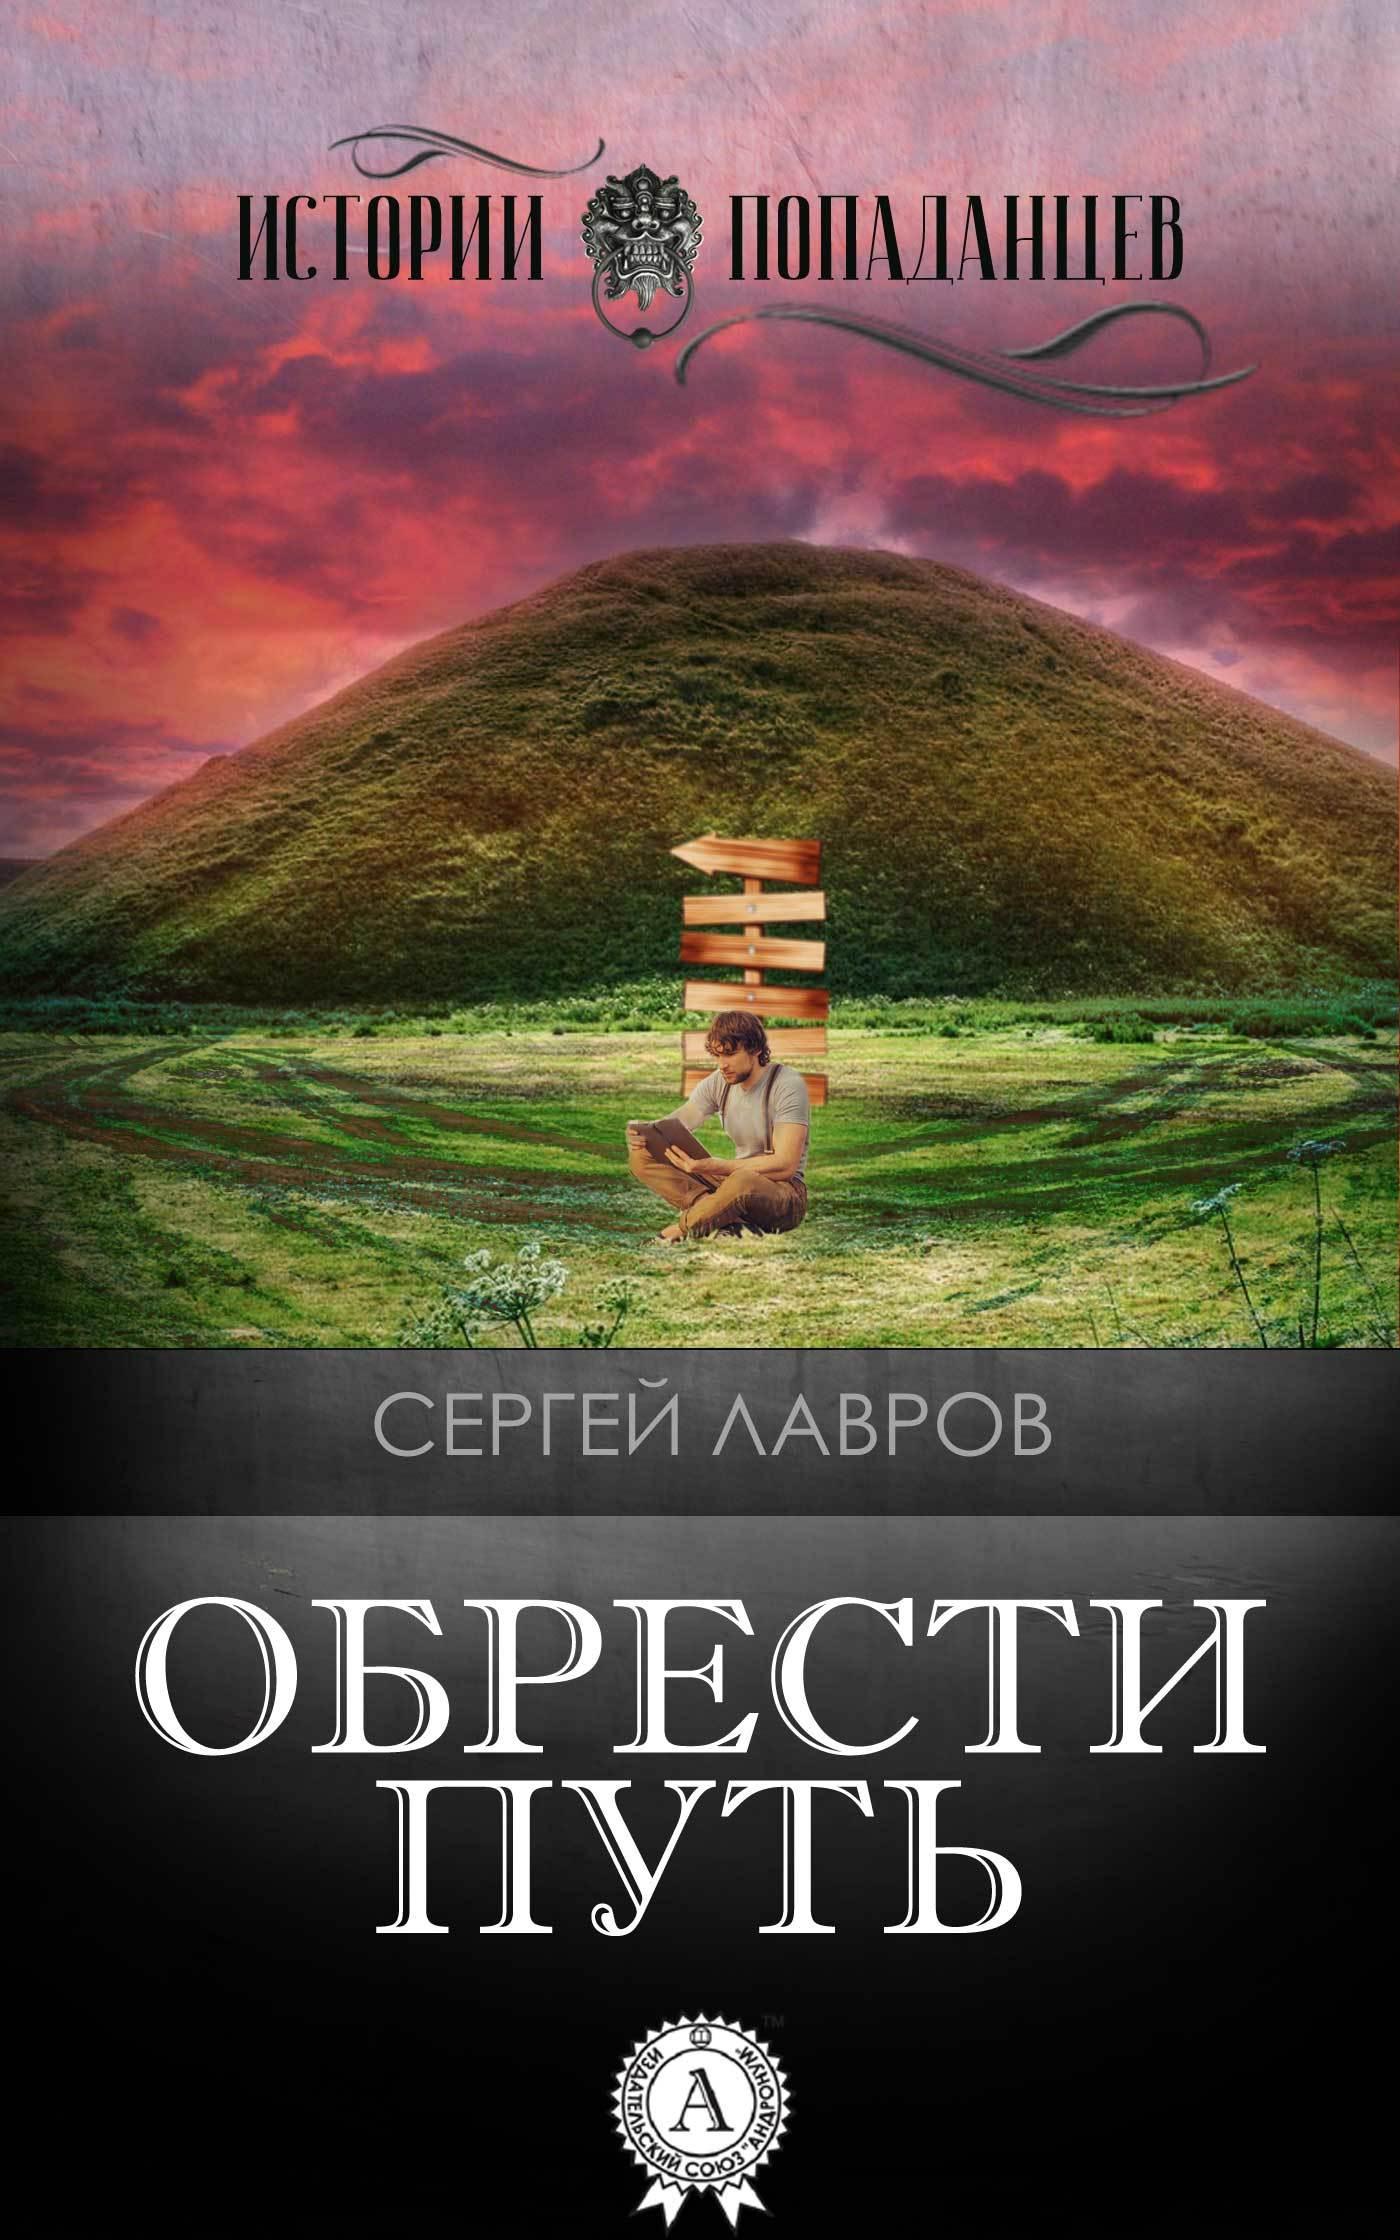 Книга в дорогу читать онлайн